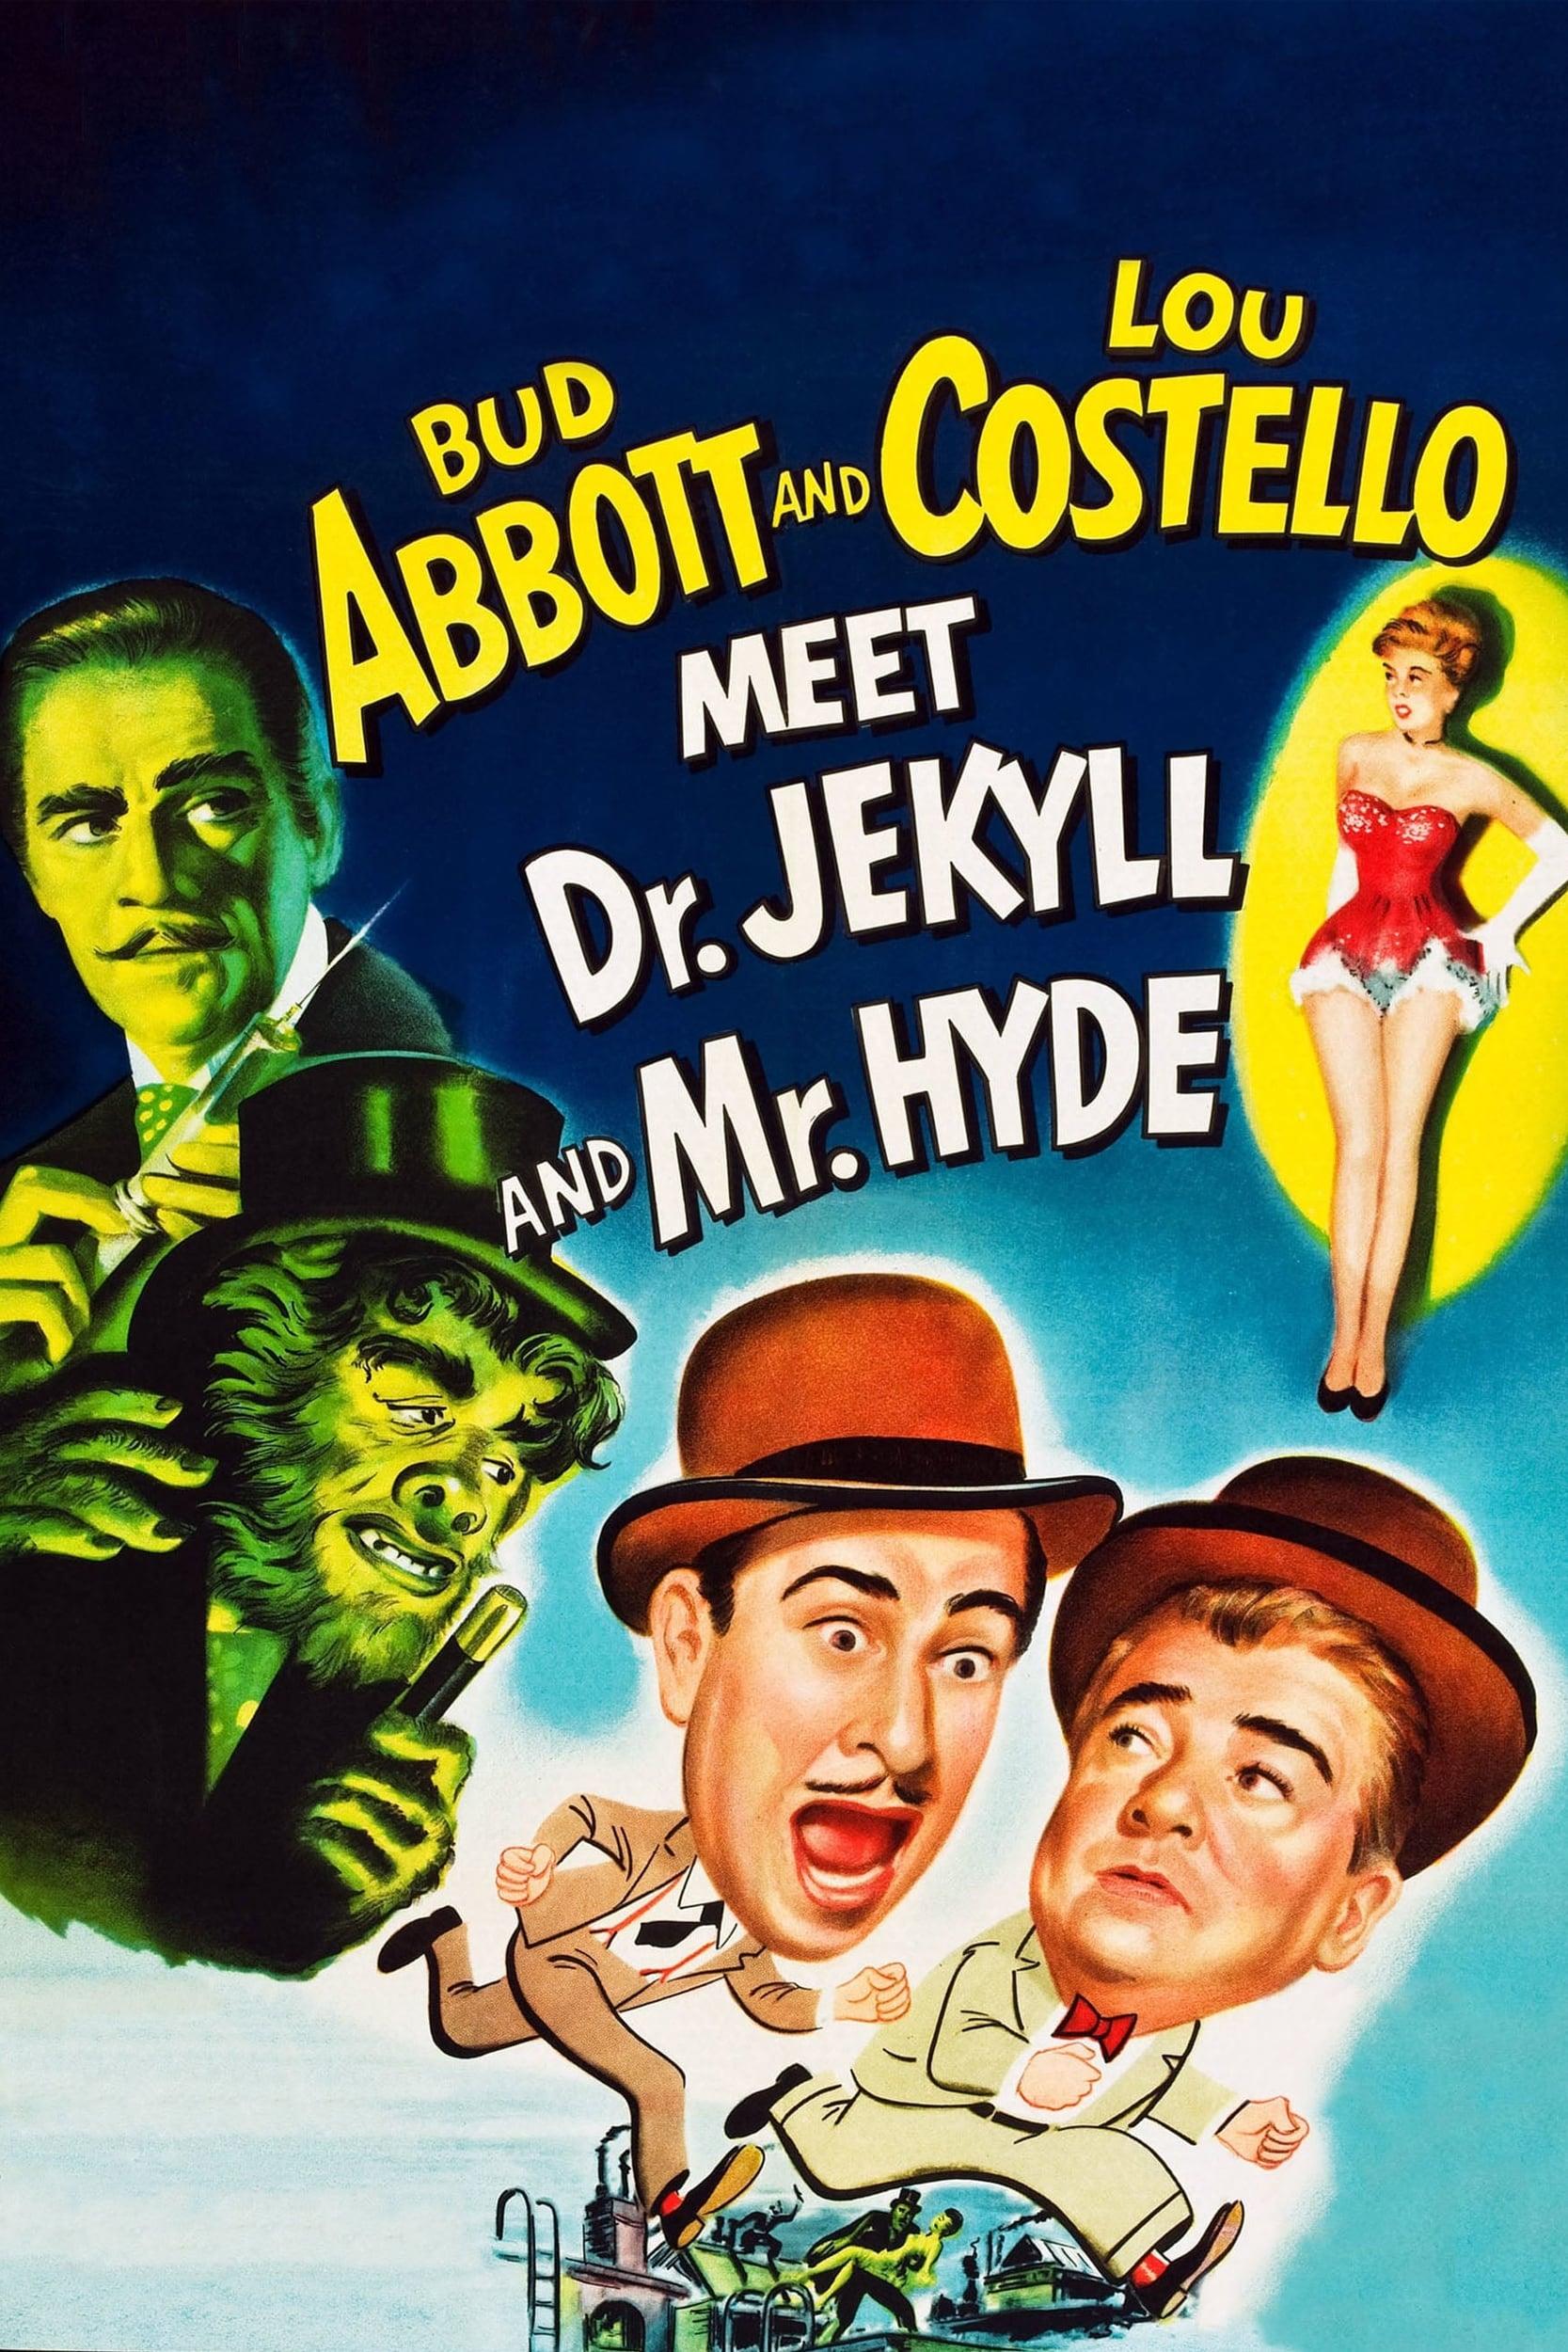 Abbott & Costello treffen Dr. Jekyll & Mr. Hyde